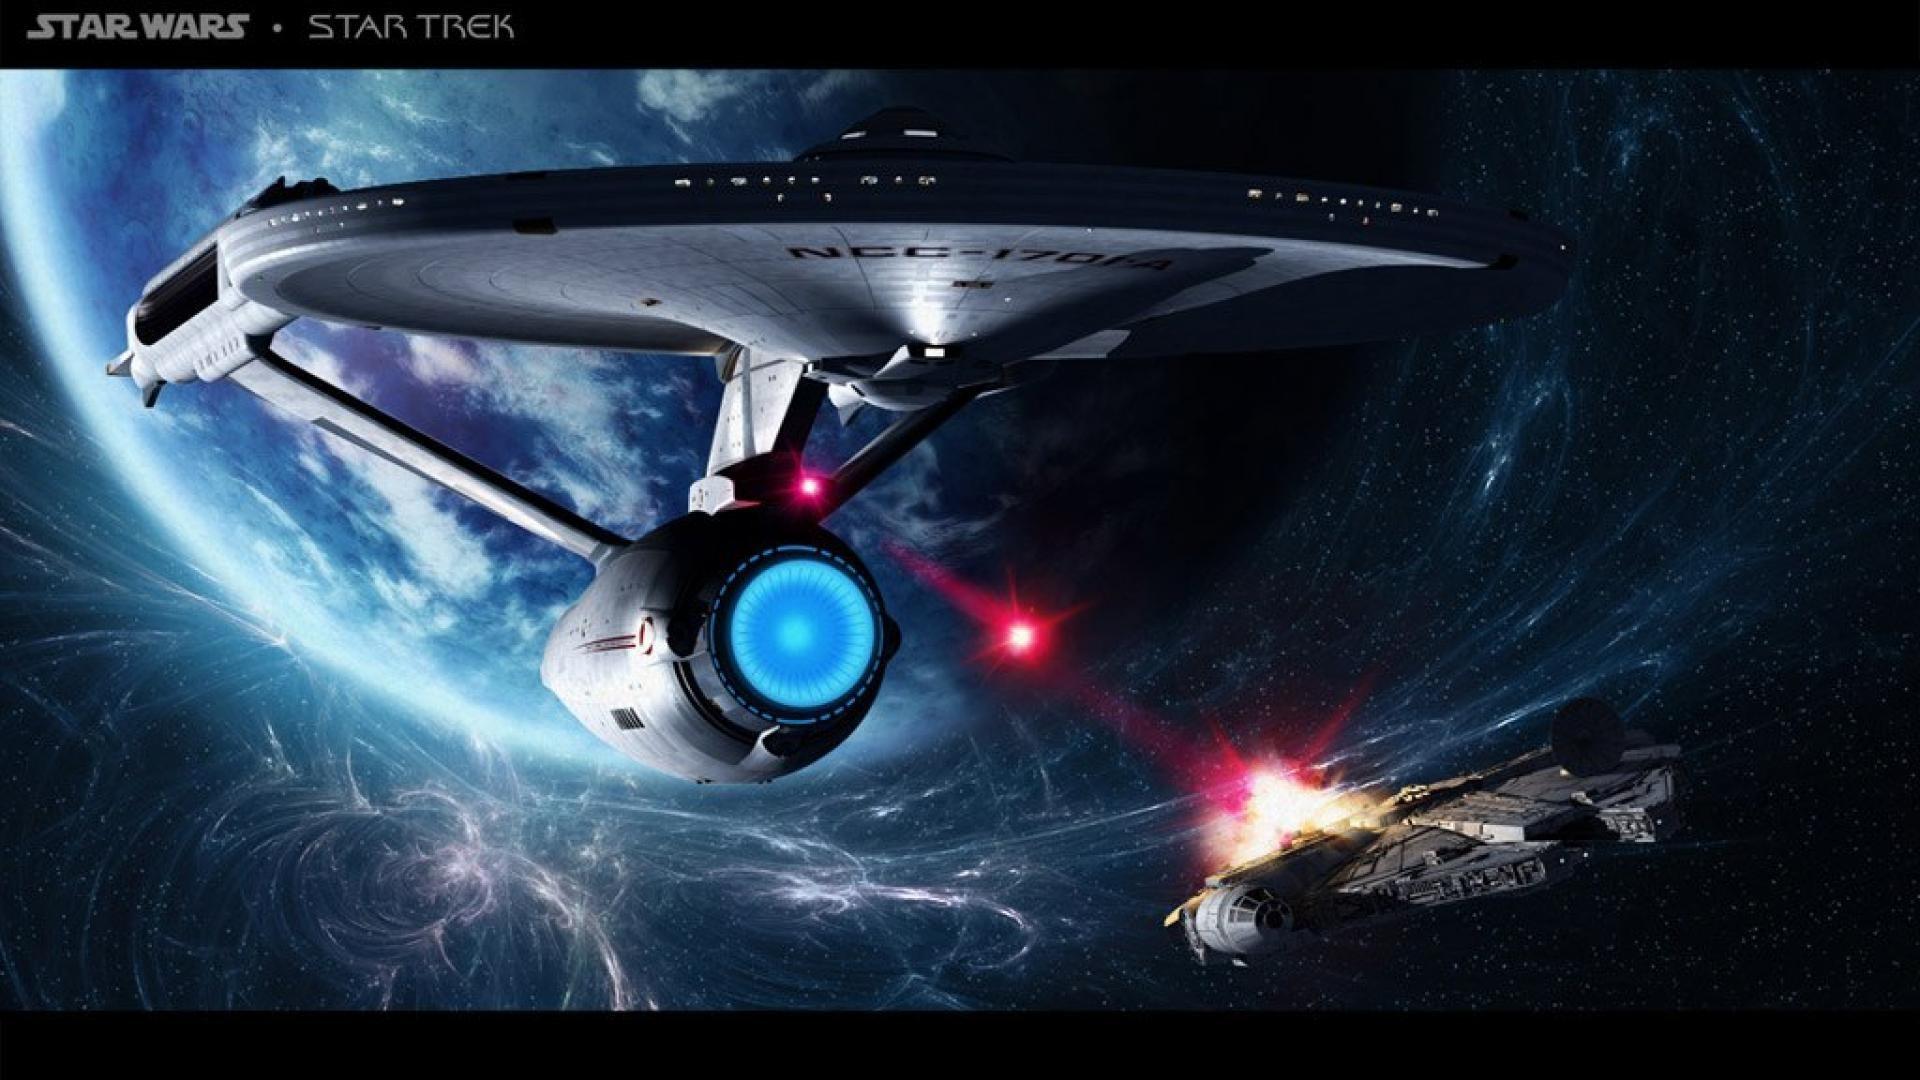 star trek enterprise fights spaceship battle movie hd wallpaper . …